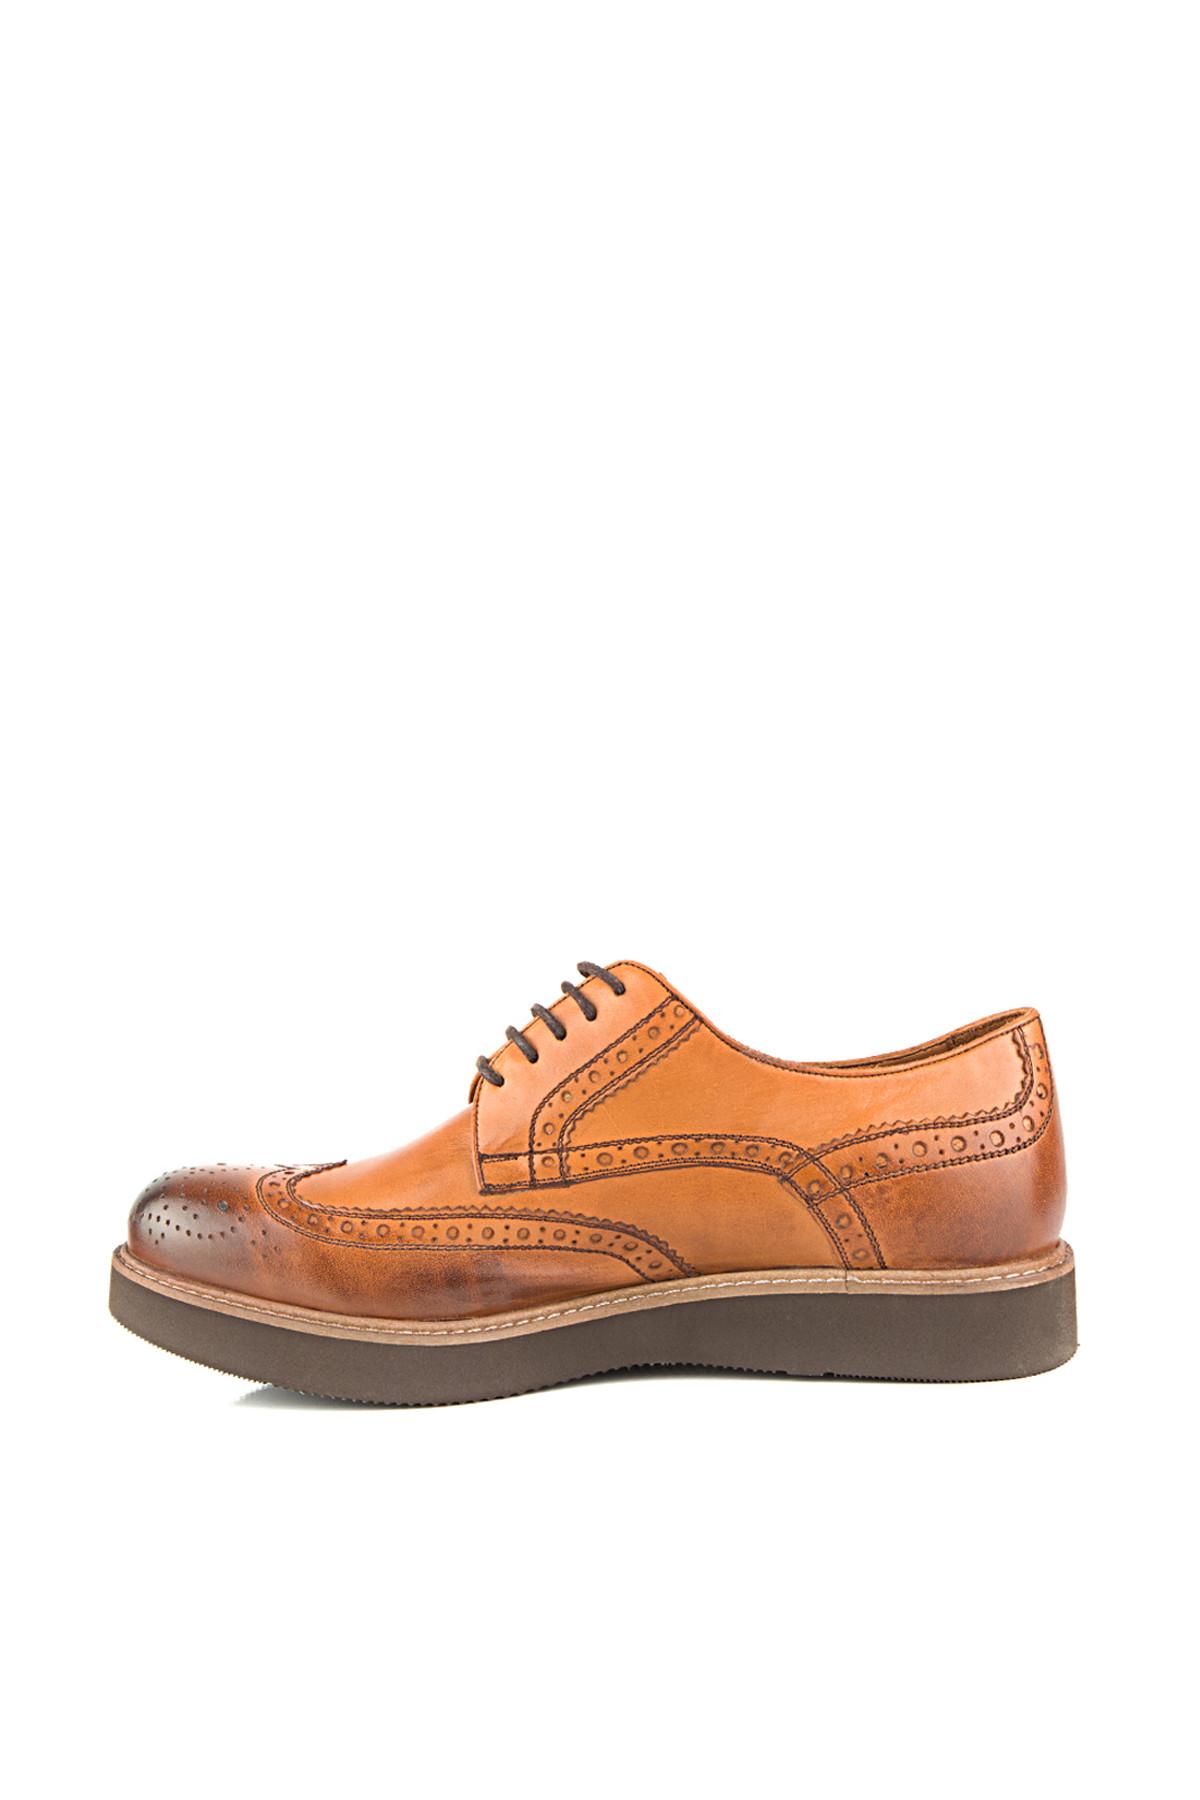 Twn Erkek Deri Taba Klasik Ayakkabı - 0Ef091382754-J01 2